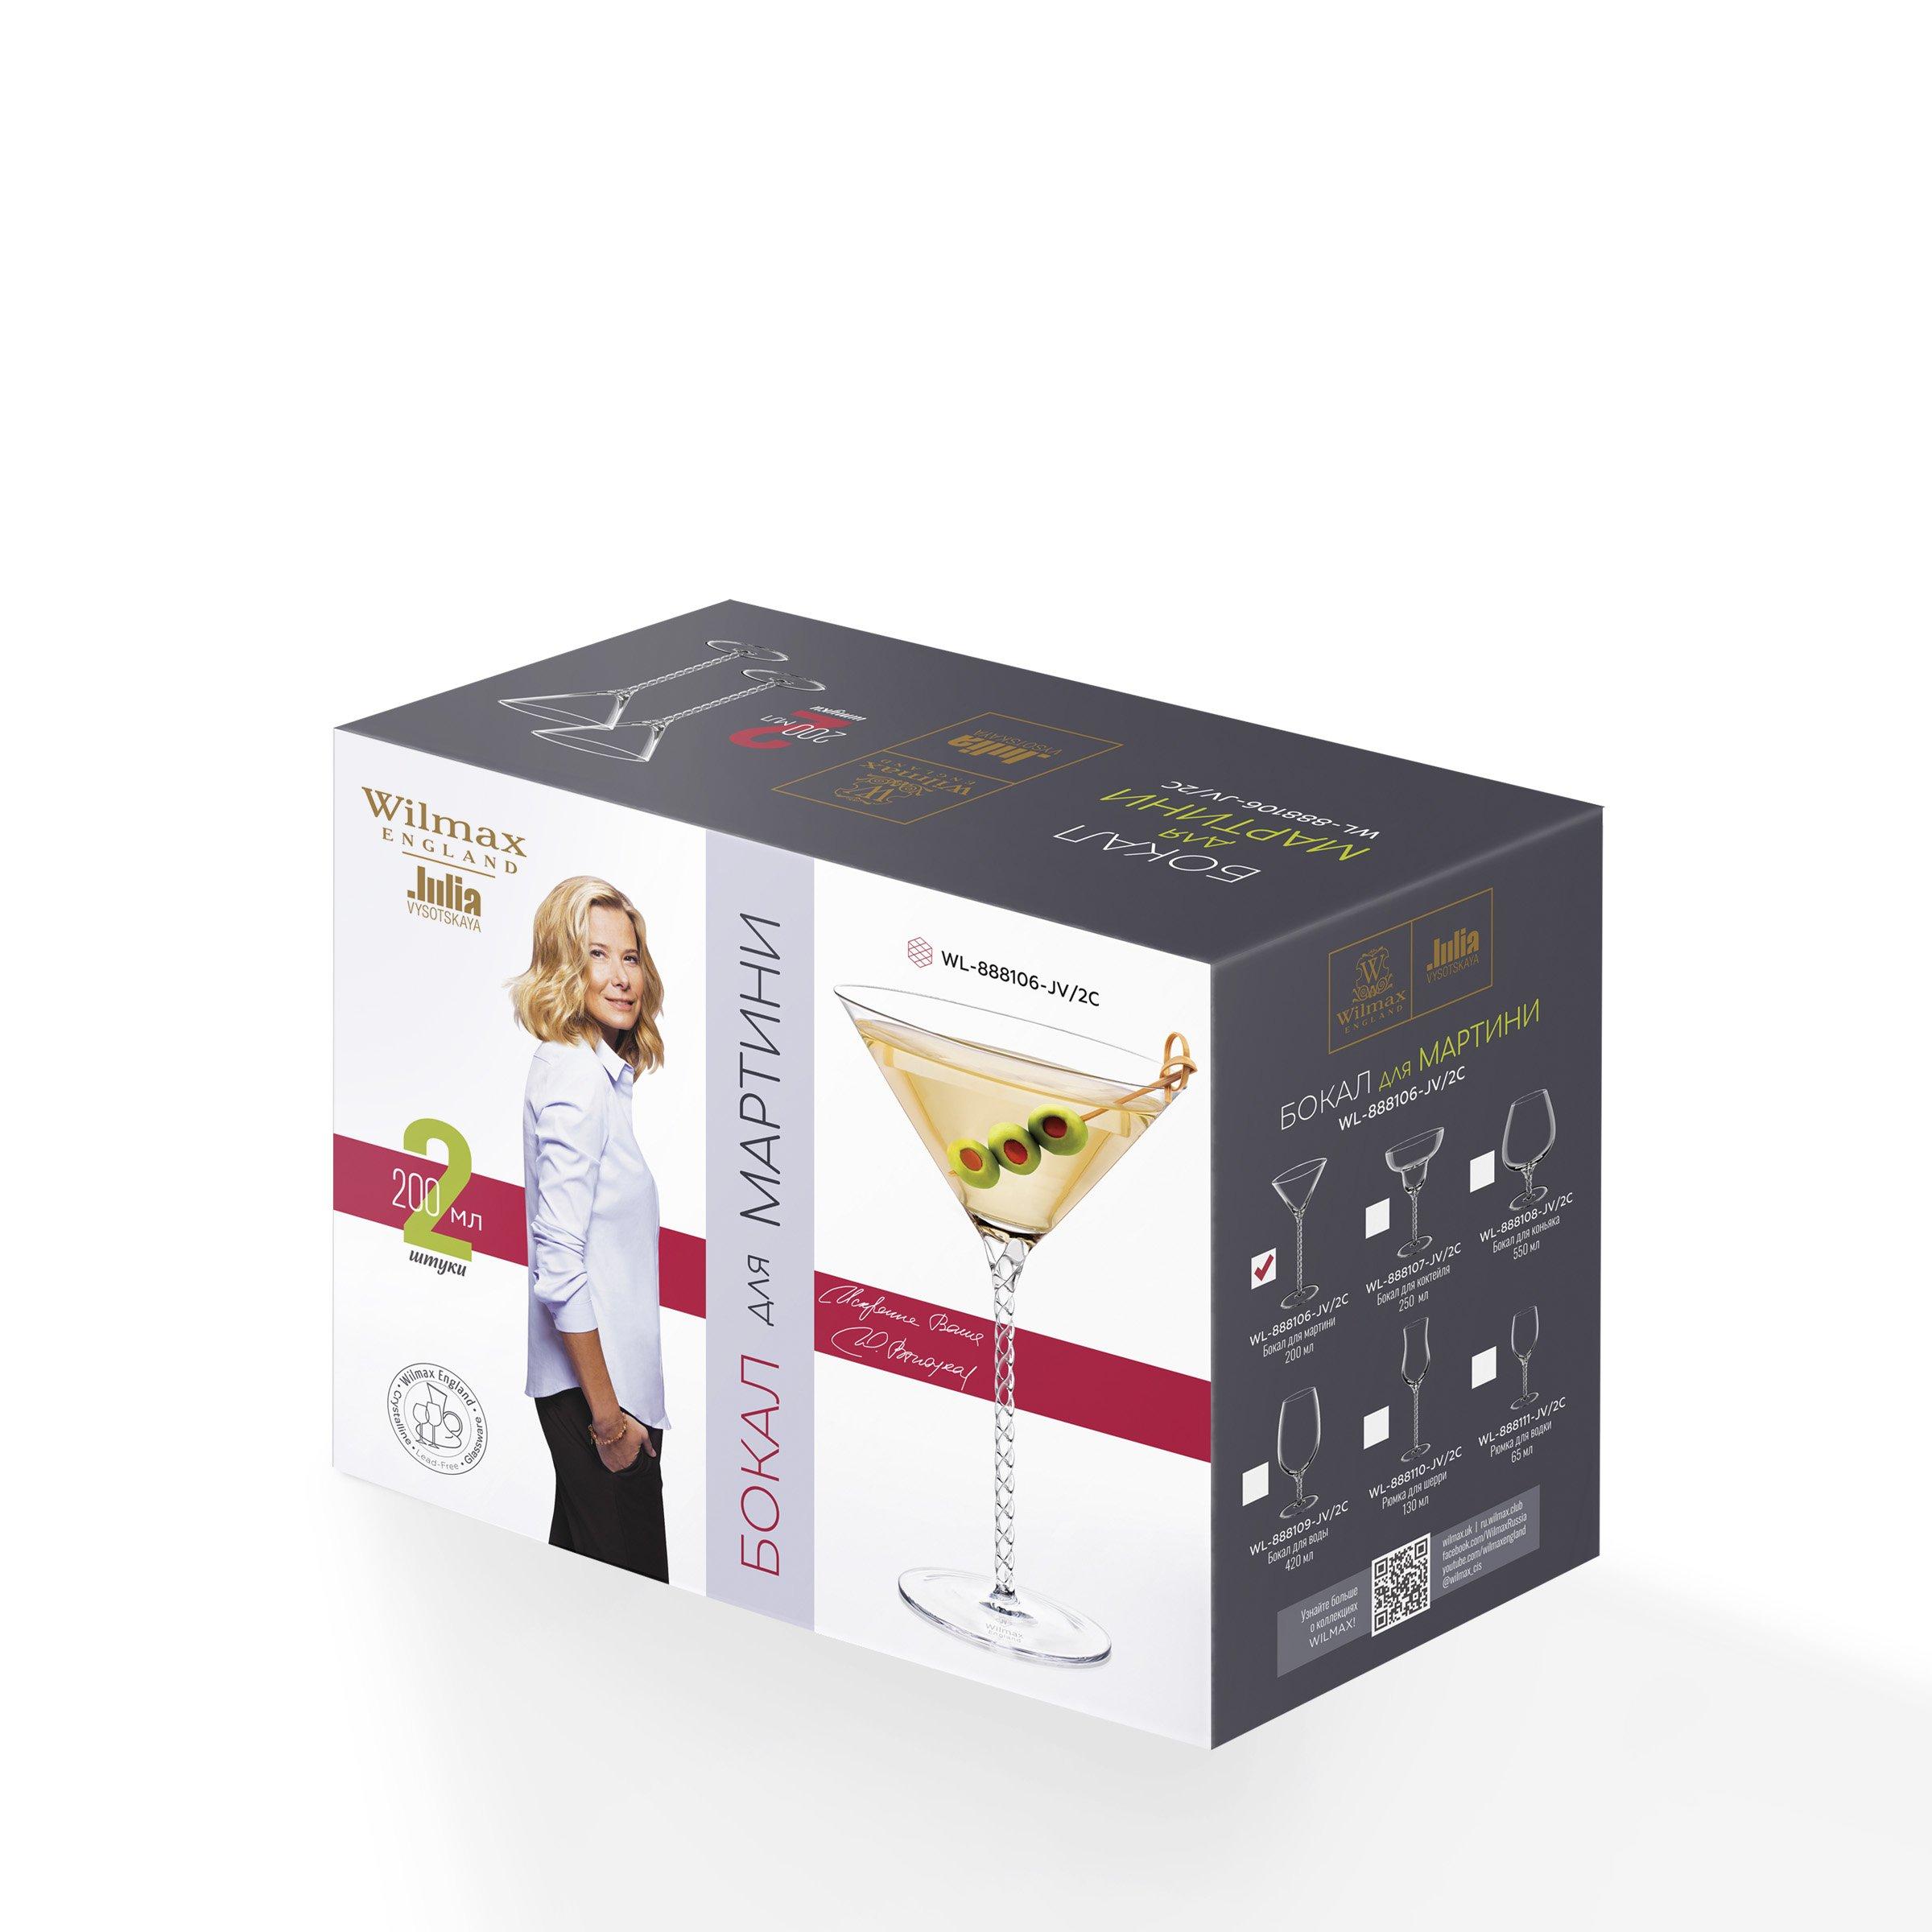 Набор бокалов 200 мл от Юлии Высоцкой Wilmax для мартини  2 шт цв. уп.